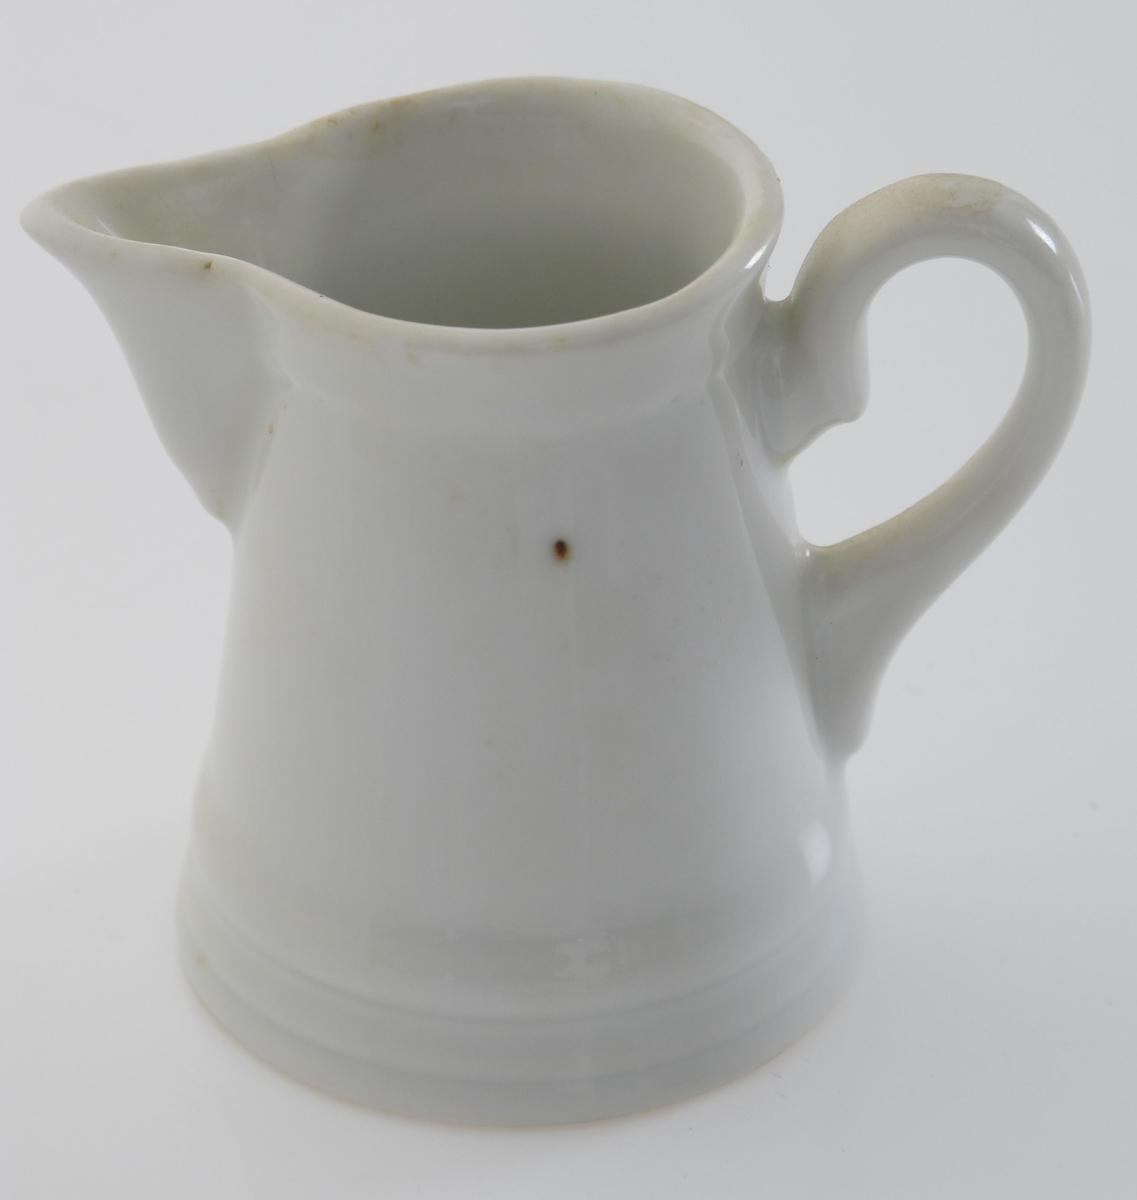 Miniatyrfløtemugge  (en persons).   Porselen,  hvit glasur, ustemplet.    Skrå sider med profilring nede,  spiss tut og liten hank.